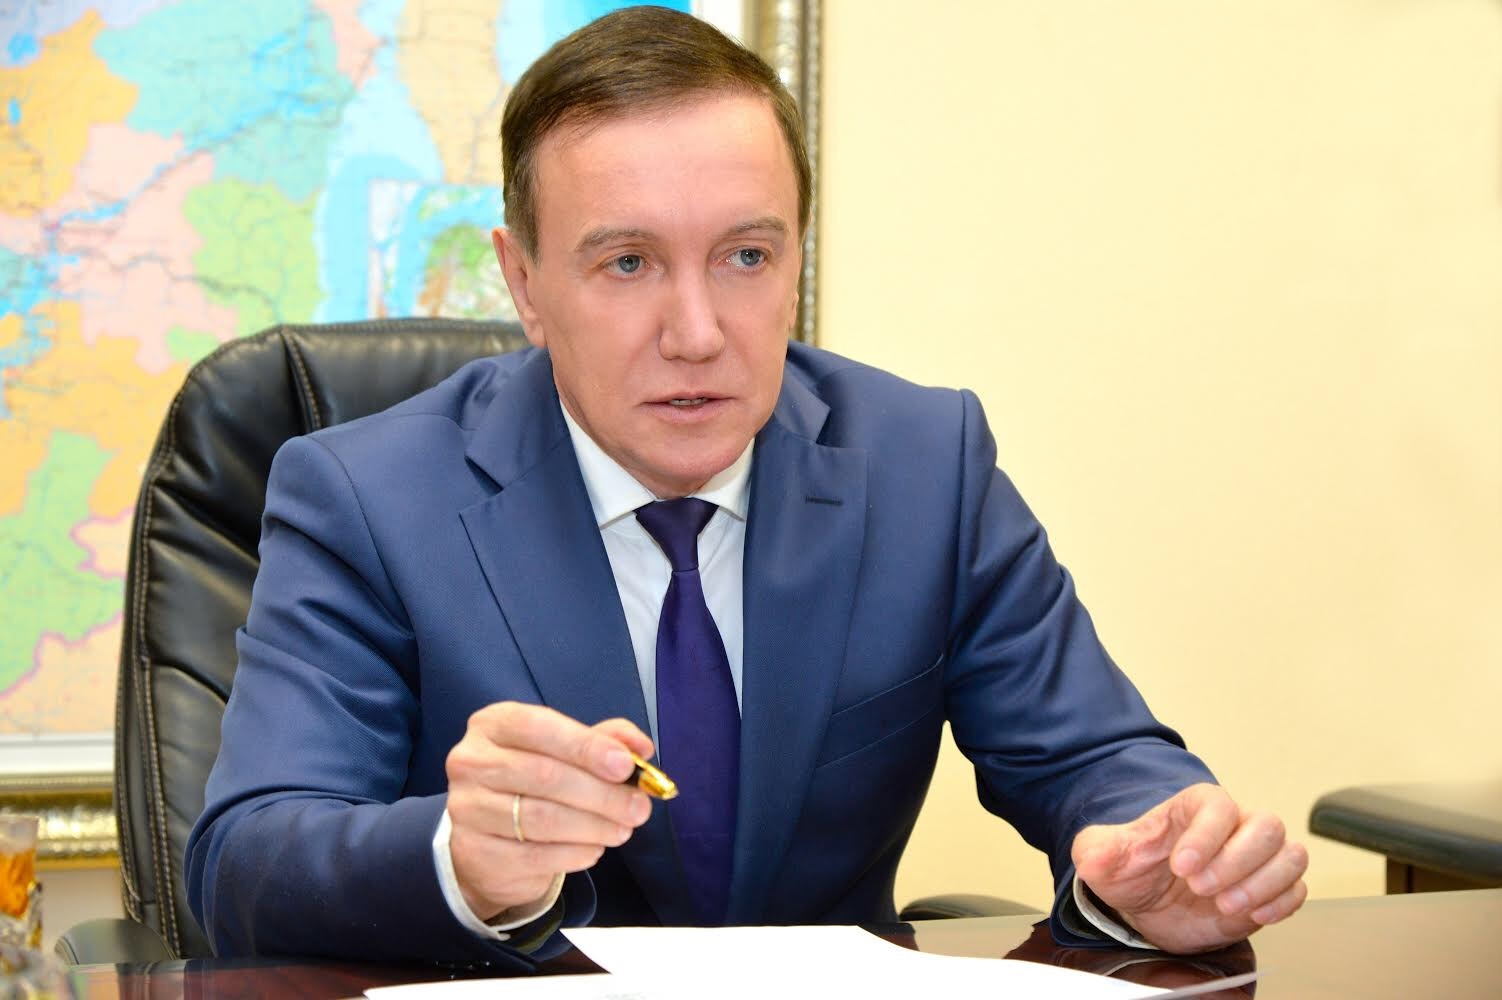 Аркадий Мкртычев рассказал, как проходила реконструкция стадиона и набережной в Хабаровске